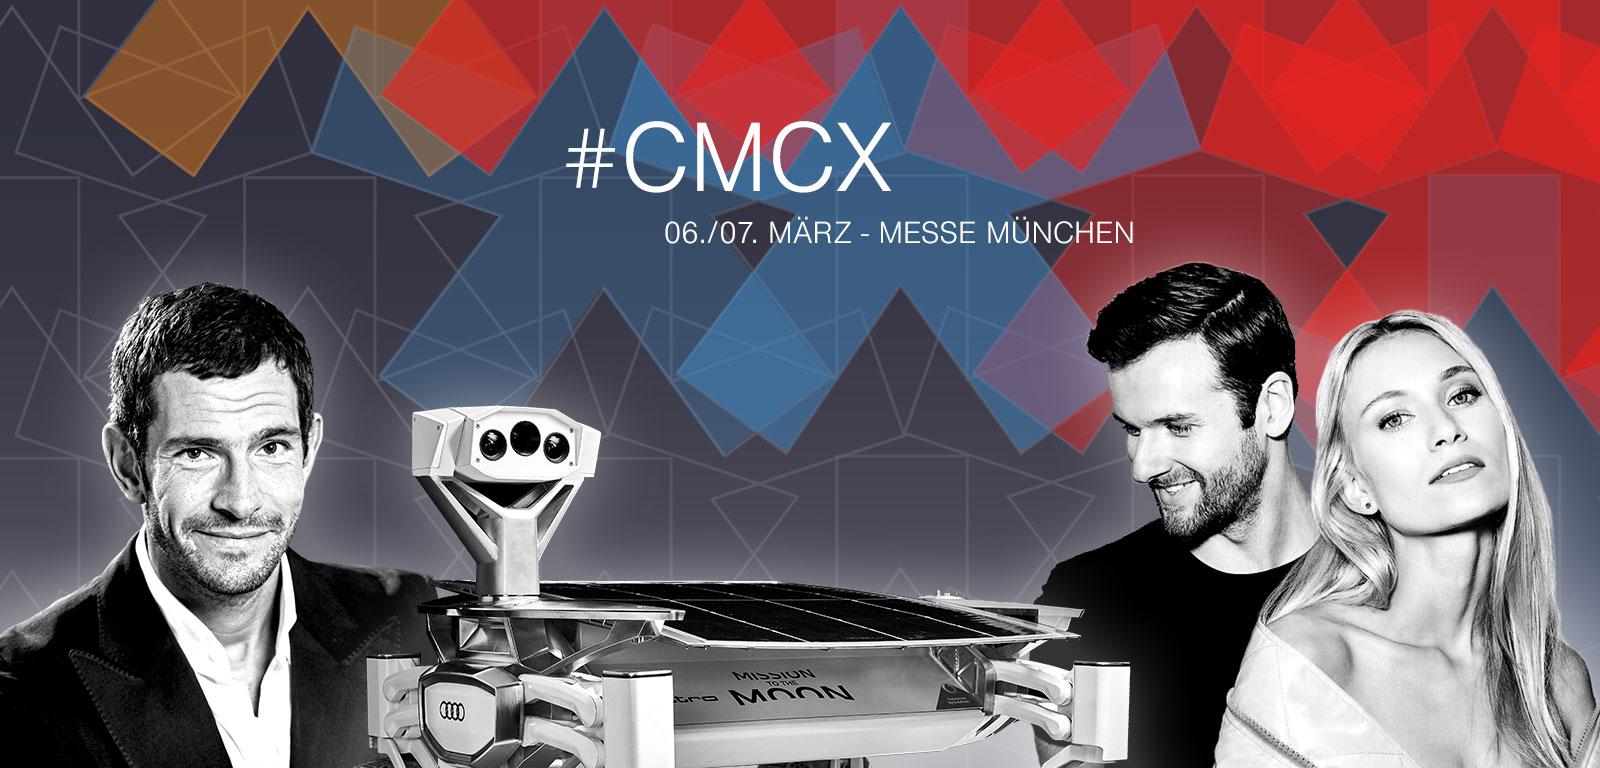 ✋ Euch erwartet ein wahres Best-of Content-Marketing: Die Top 5 plus 1 Highlights der CMCX 2018